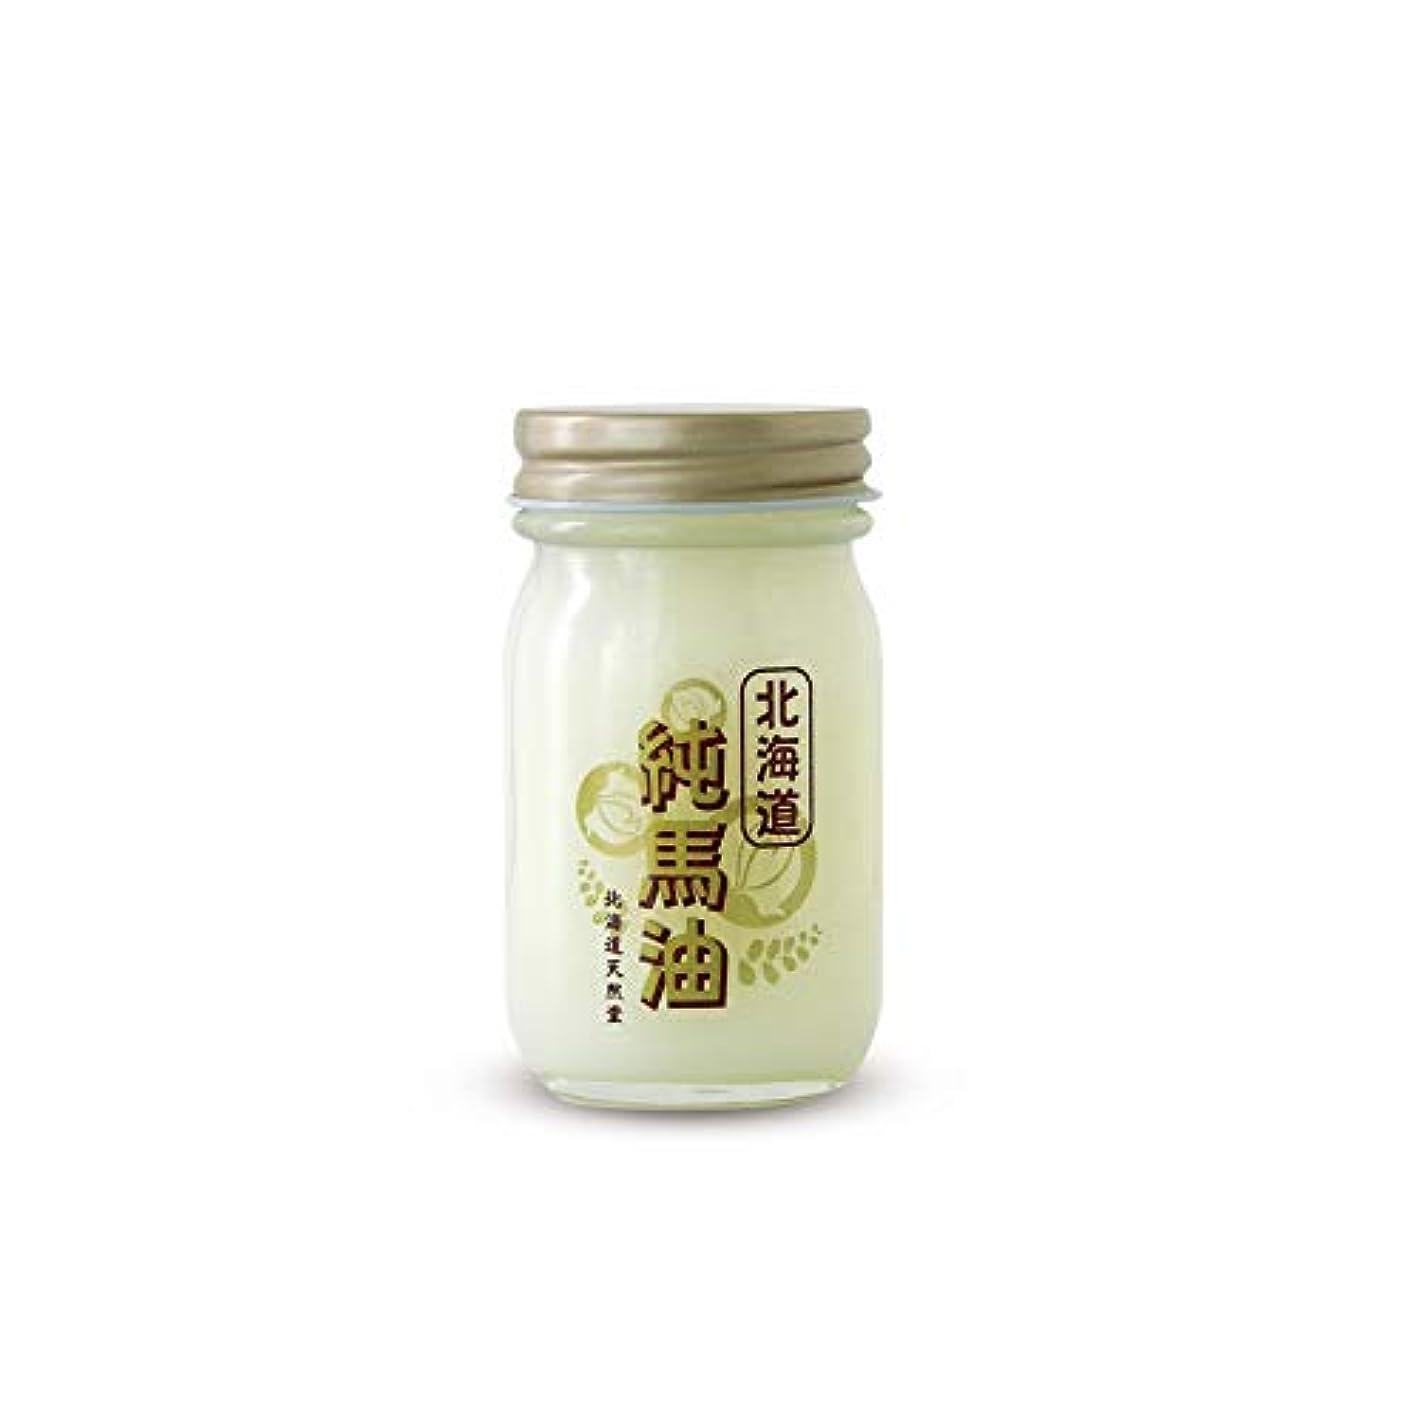 高齢者石膏ヤギ純馬油 70ml 【国内限定】/ 北海道天然堂